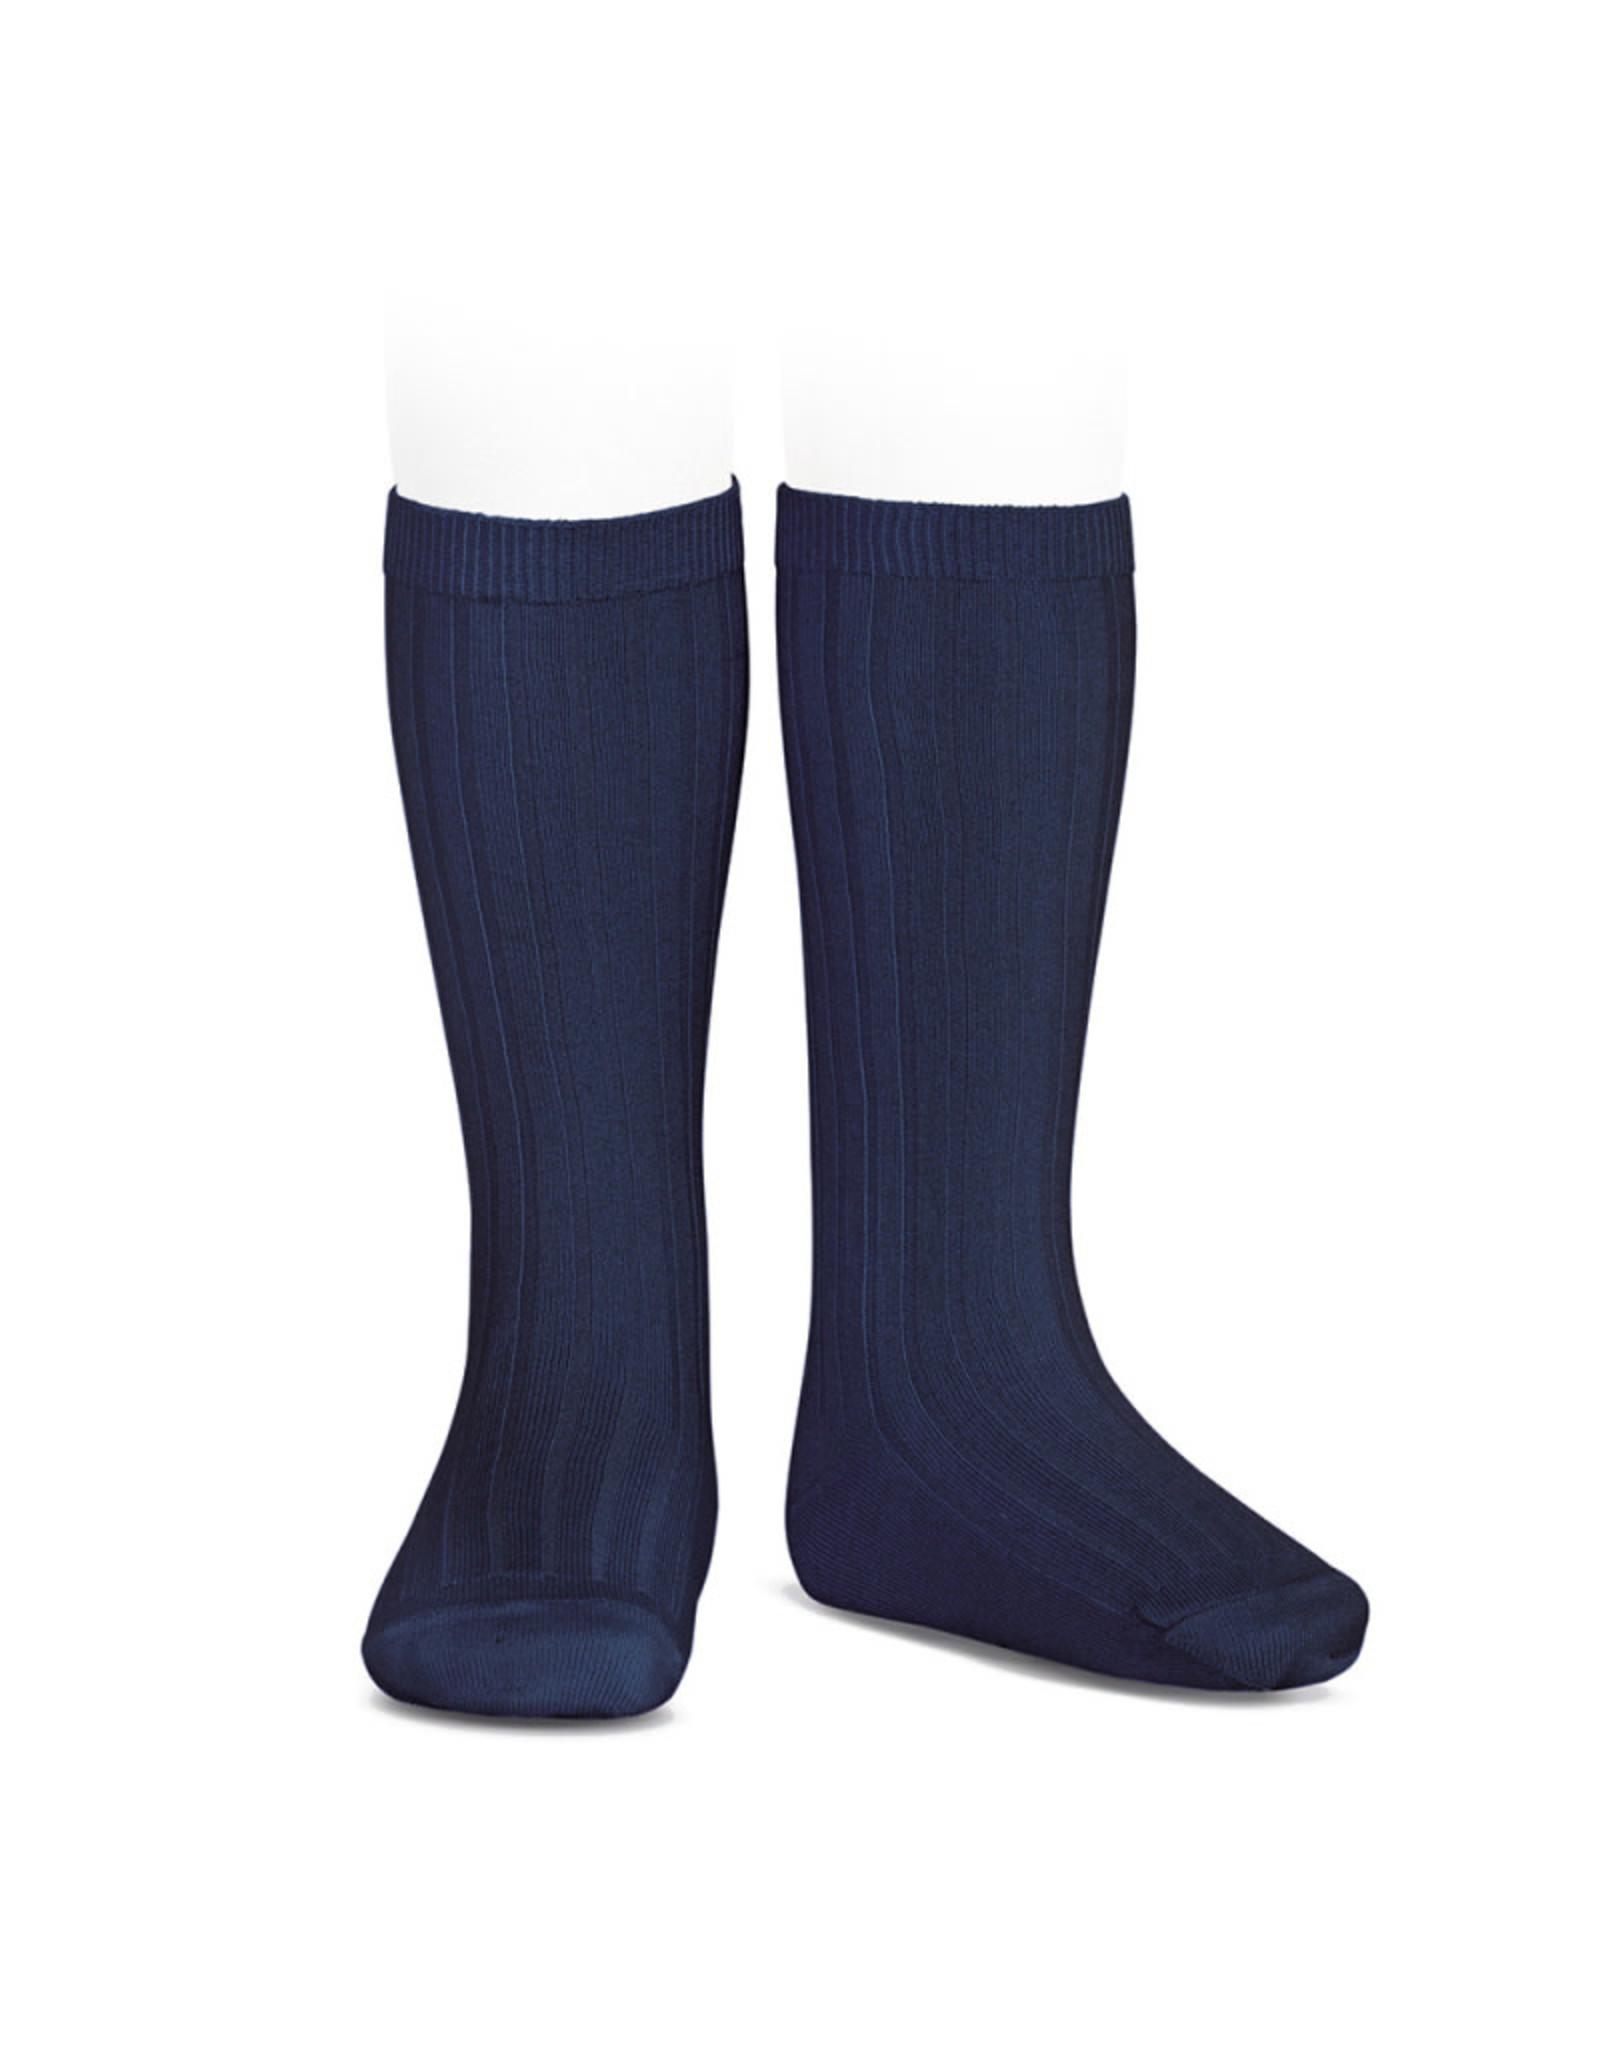 CONDOR Navy Ribbed Knee Socks